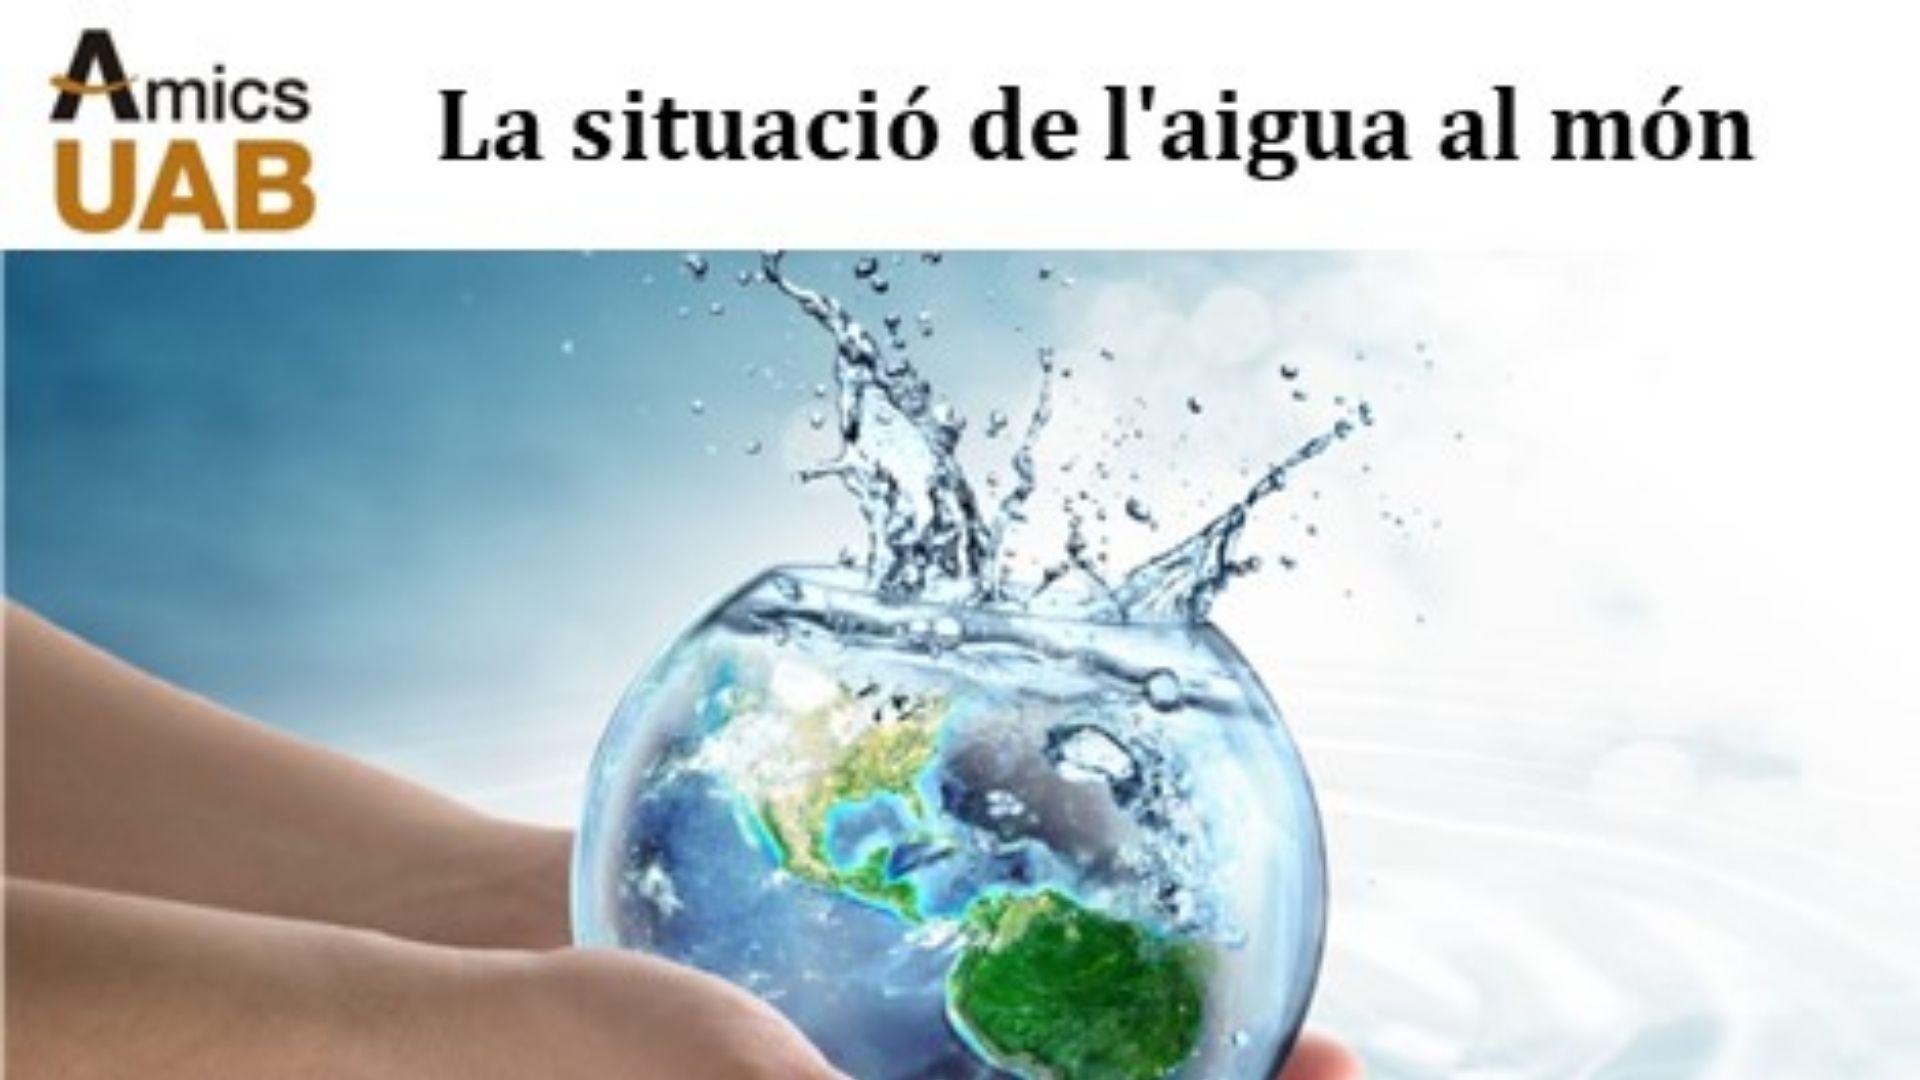 La situació d'aigua al món